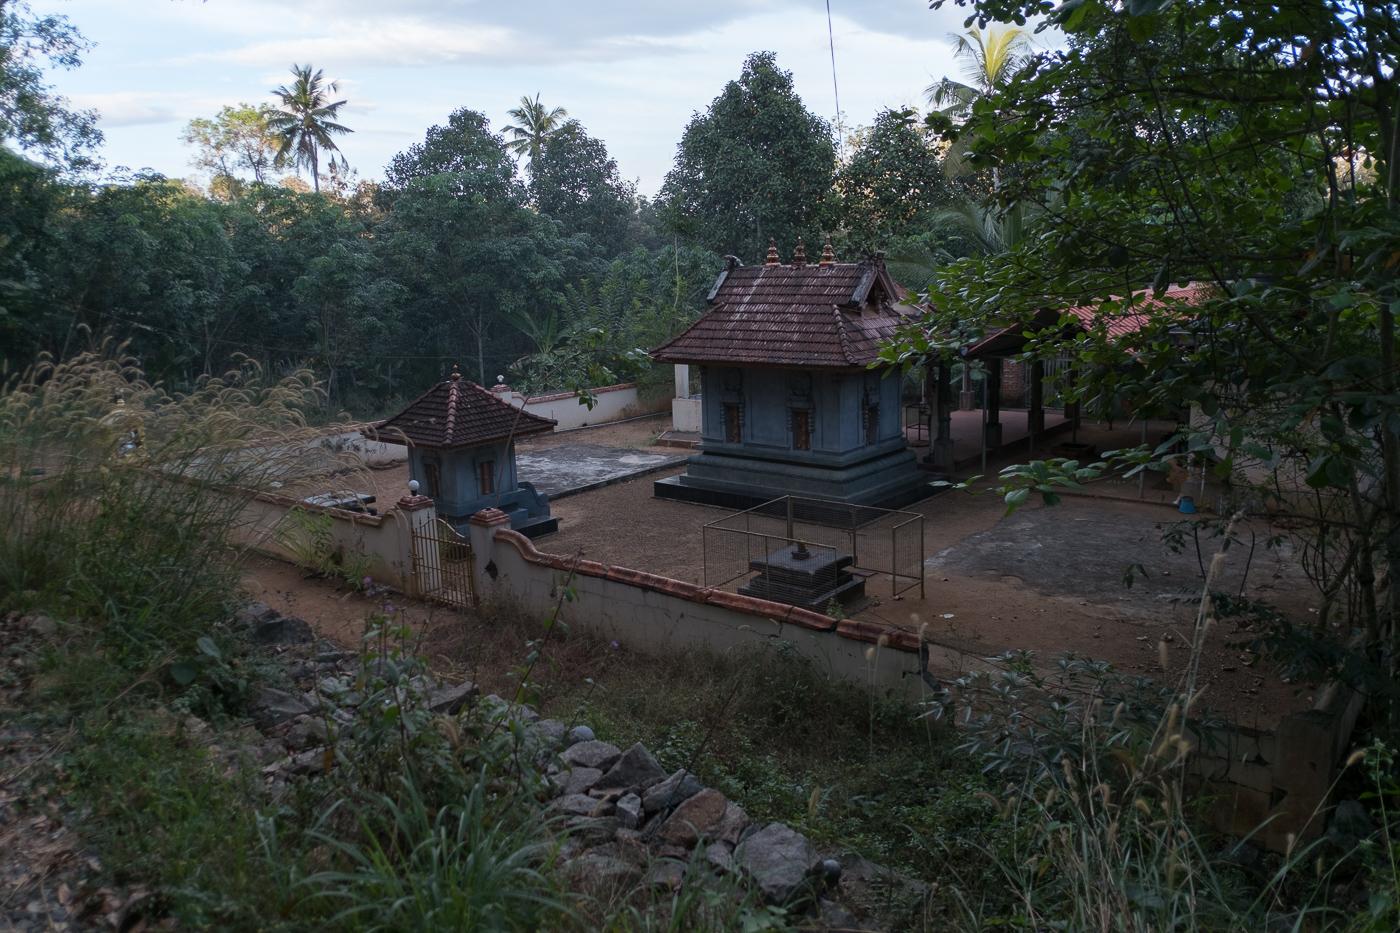 kothala-8588